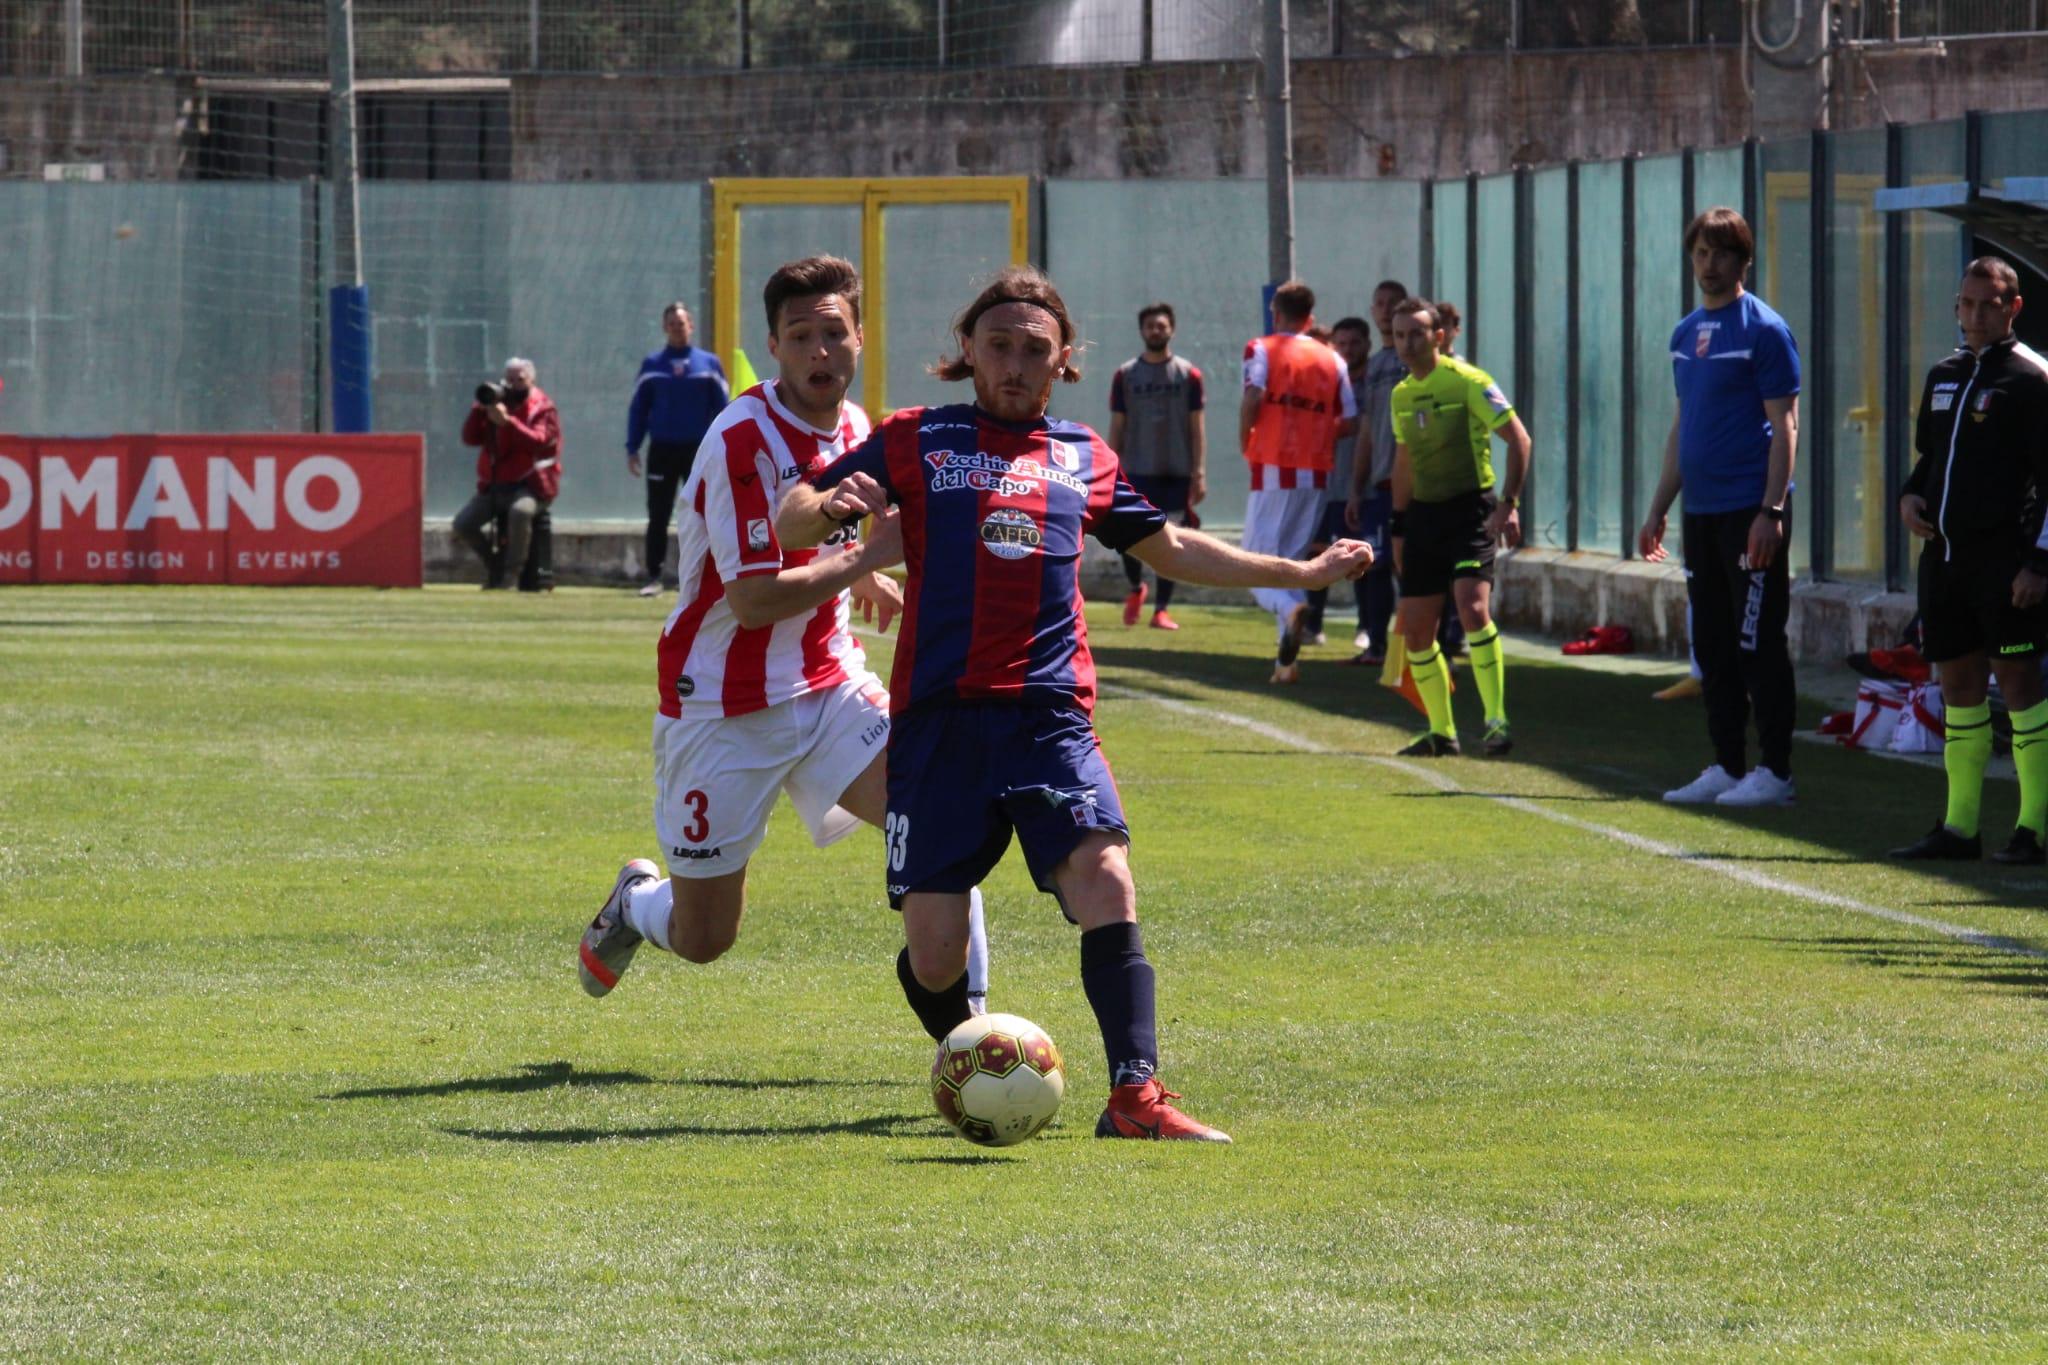 VIBONESE - TERAMO 3-1 | Il tabellino del match immagine 16994 US Vibonese Calcio